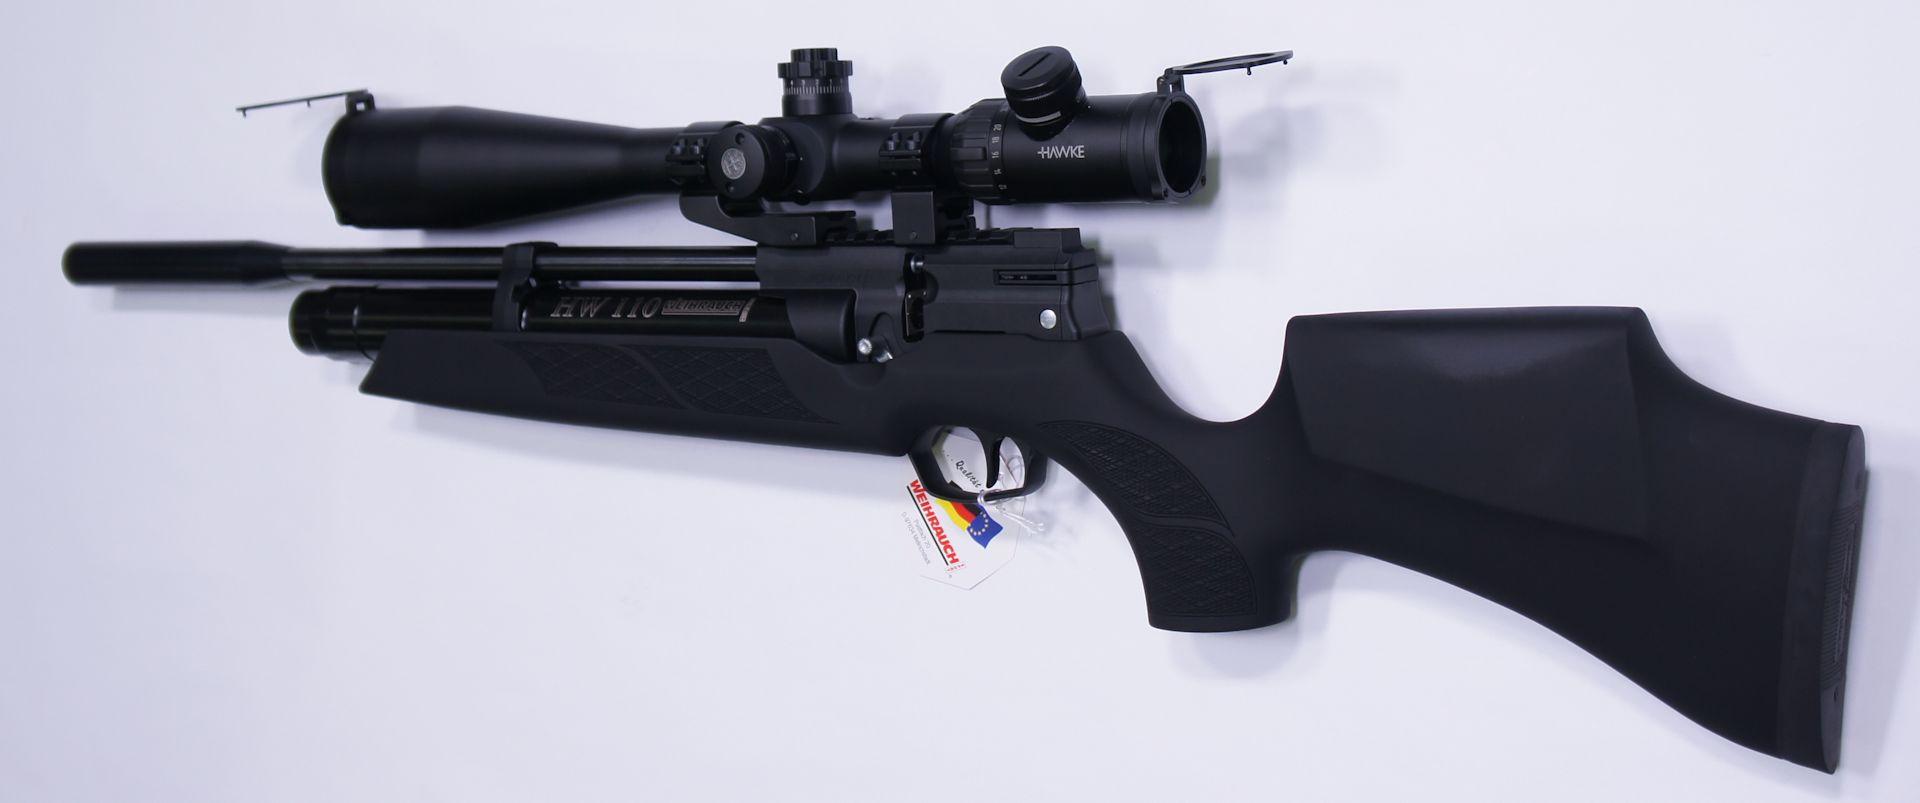 Gerne können Sie das Luftgewehr HW 110 auch mit einer sehr guten <a href=1130173.htm>Optik der Marke Hawke</a> bekommen. In diesem Beispiel ist eine <a href=1130626-21.htm>gekröpfte Montage</a> dazu erforderlich.